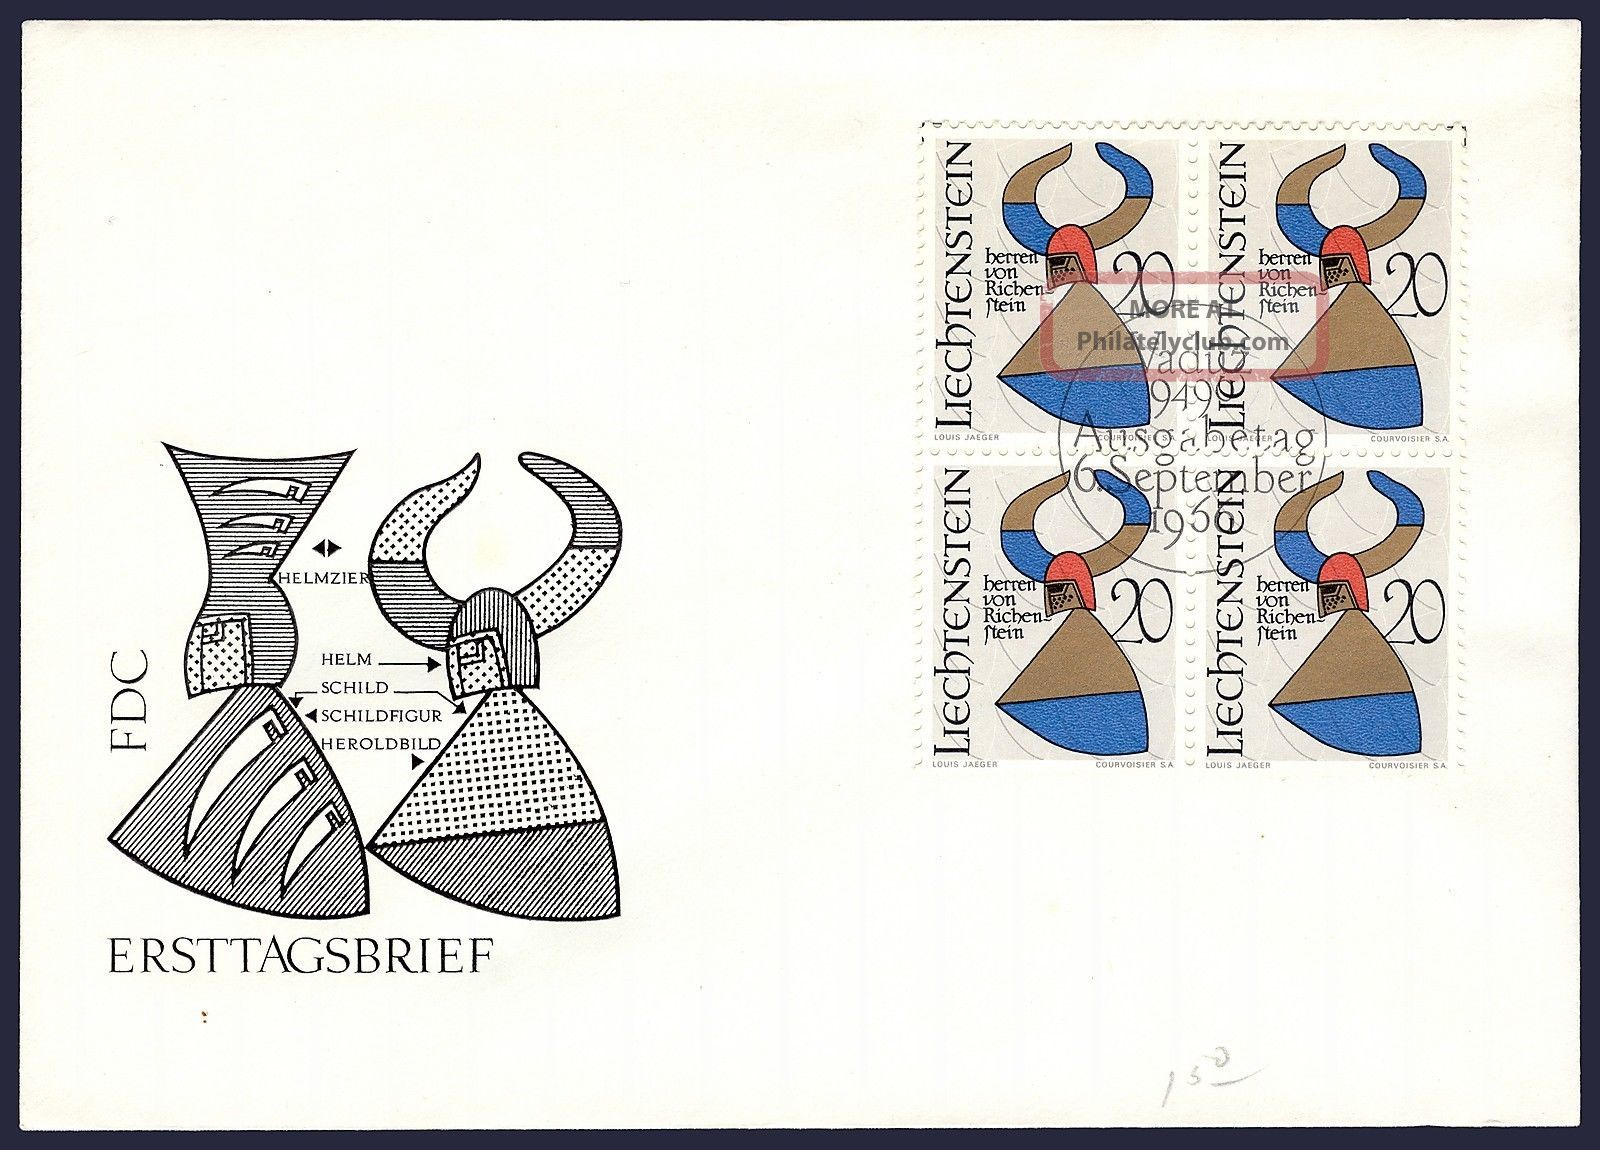 Worldwide: Liechtenstein Fdc Arms Of The Barons Of Richenstein Ph - 024 Worldwide photo